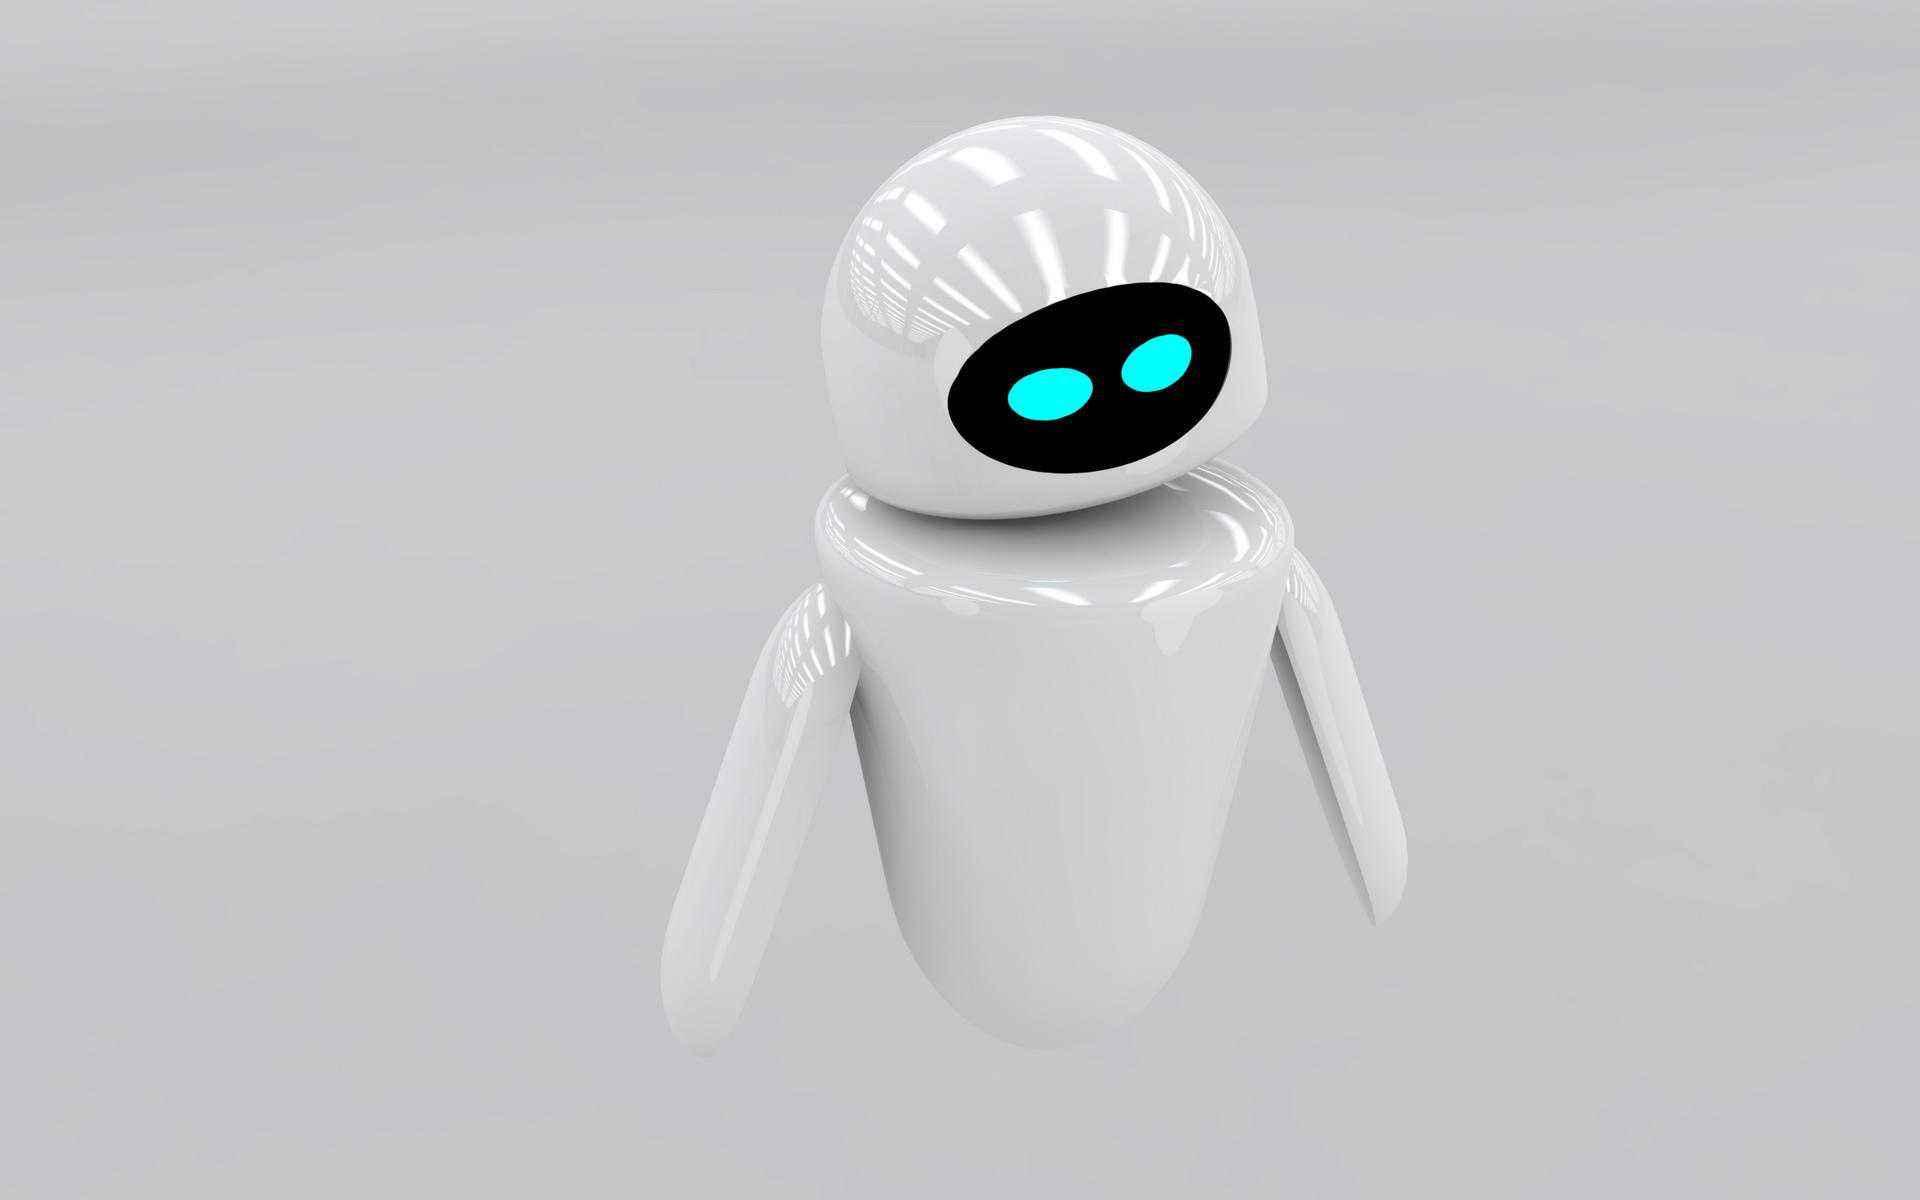 喂,你好!我是疫情防控机器人